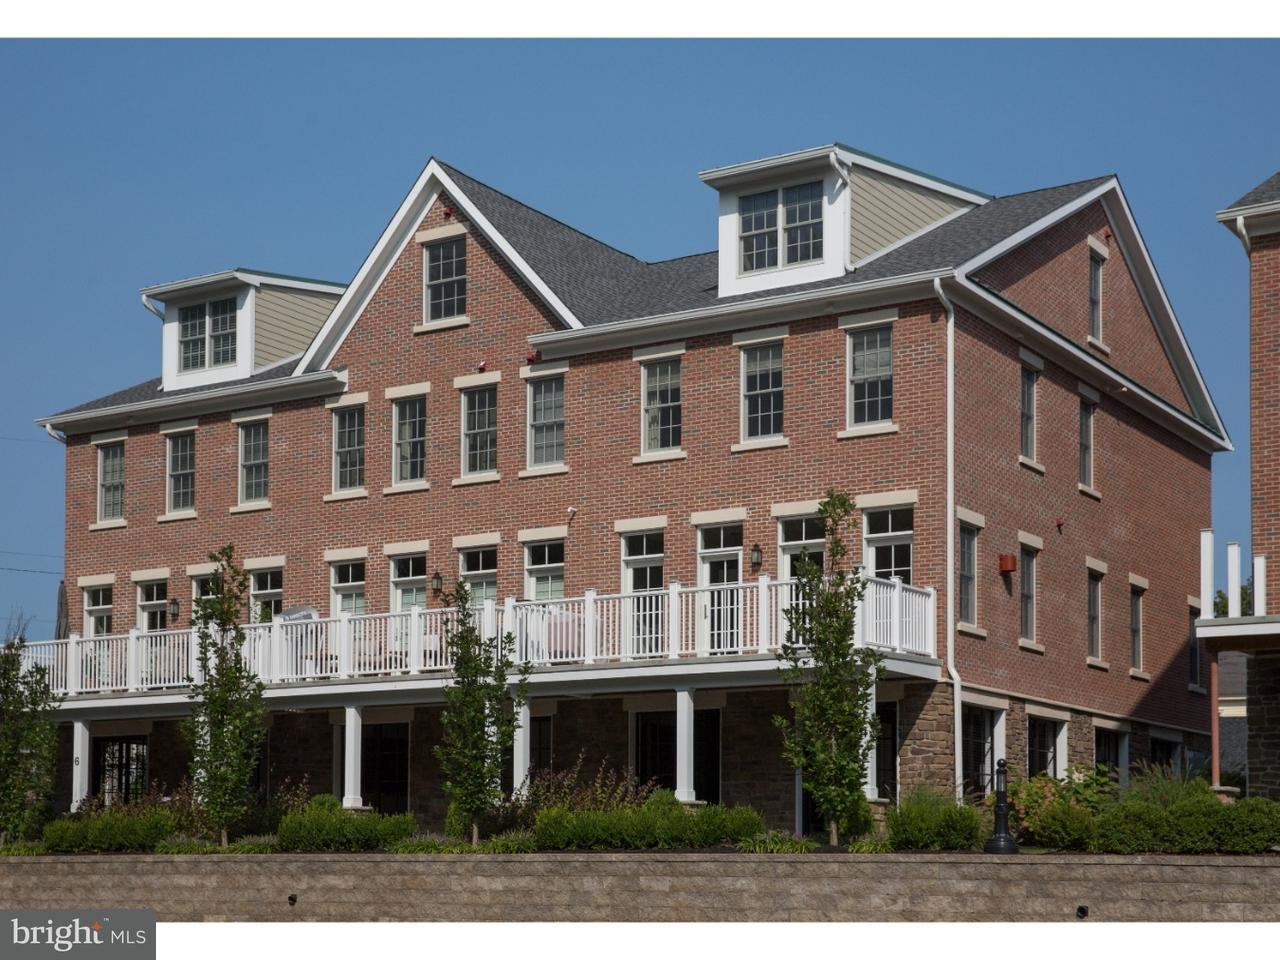 共管式独立产权公寓 为 销售 在 3 RIVER MILLS Drive 弗伦奇敦, 新泽西州 08825 美国在/周边: Frenchtown Borough